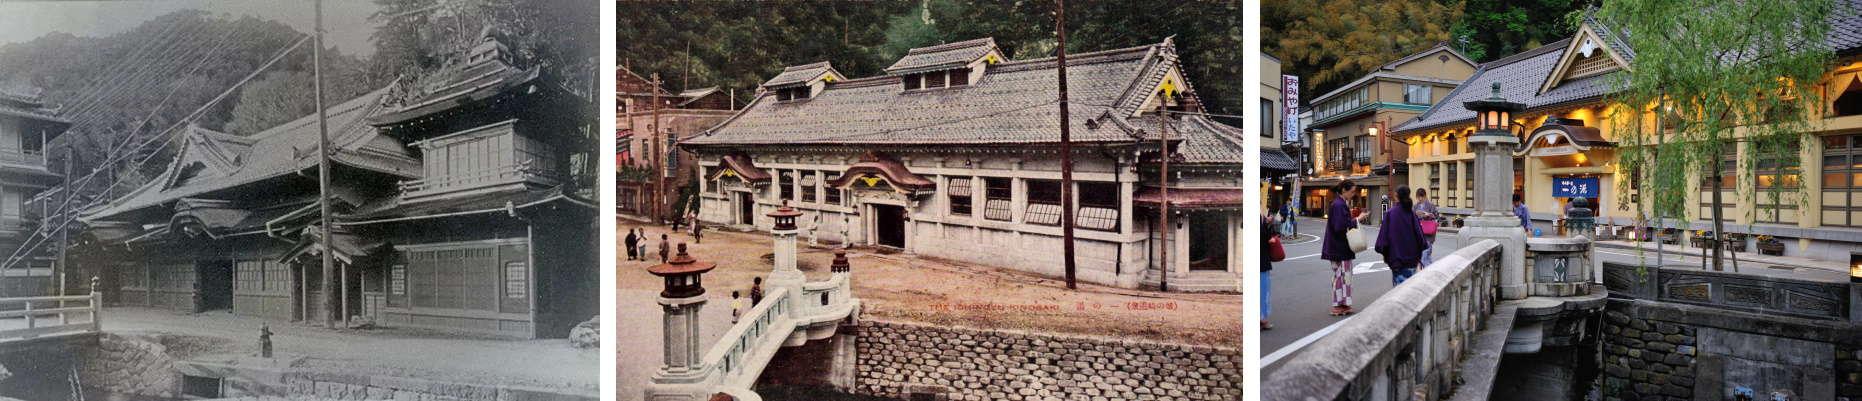 History of Kinosaki Onsen